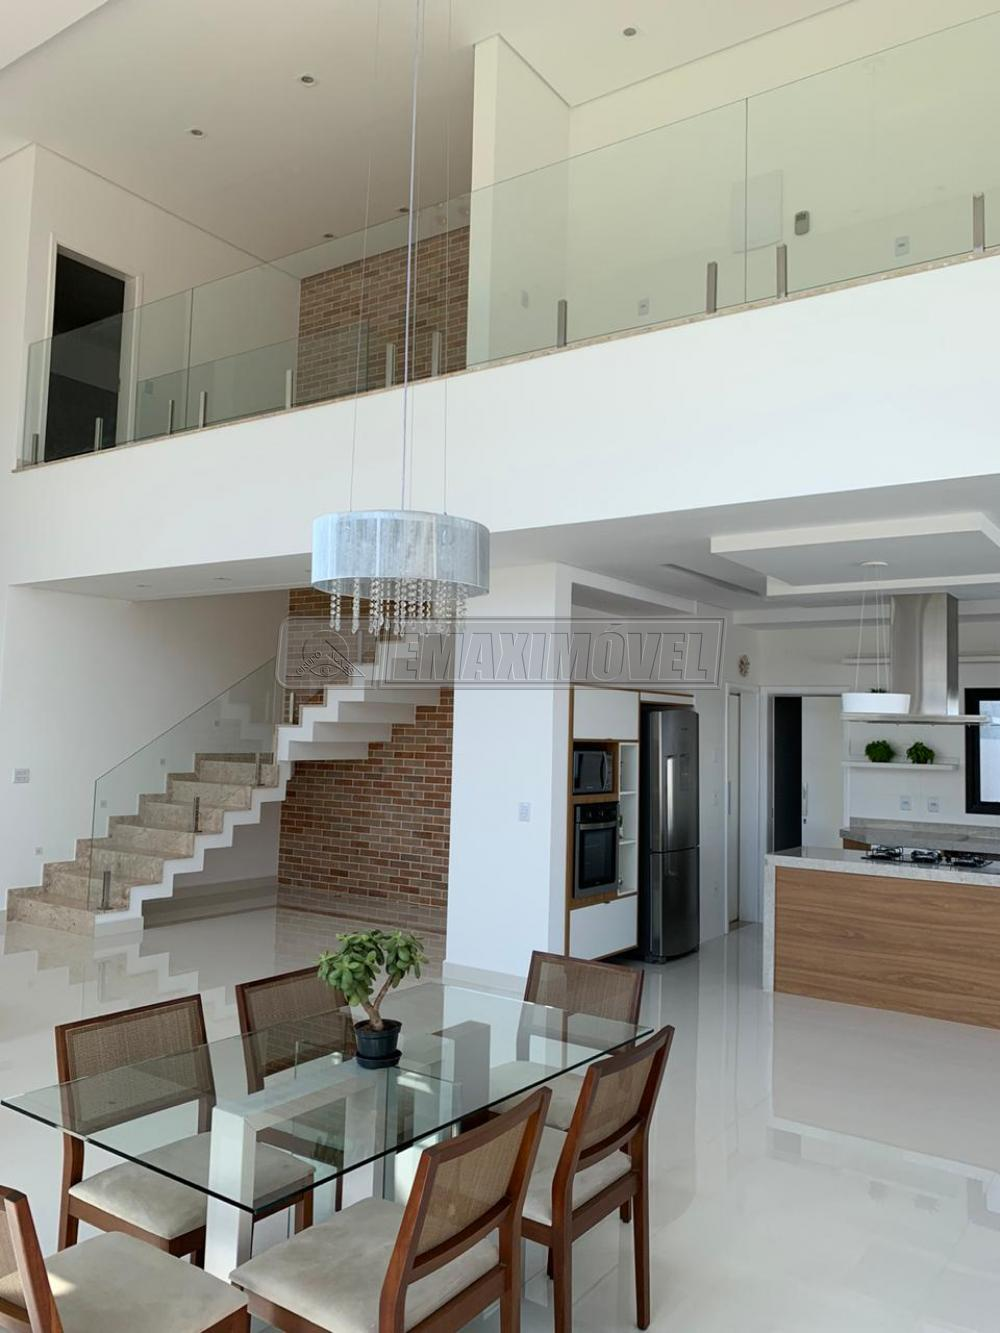 Comprar Casa / em Condomínios em Votorantim R$ 2.250.000,00 - Foto 13